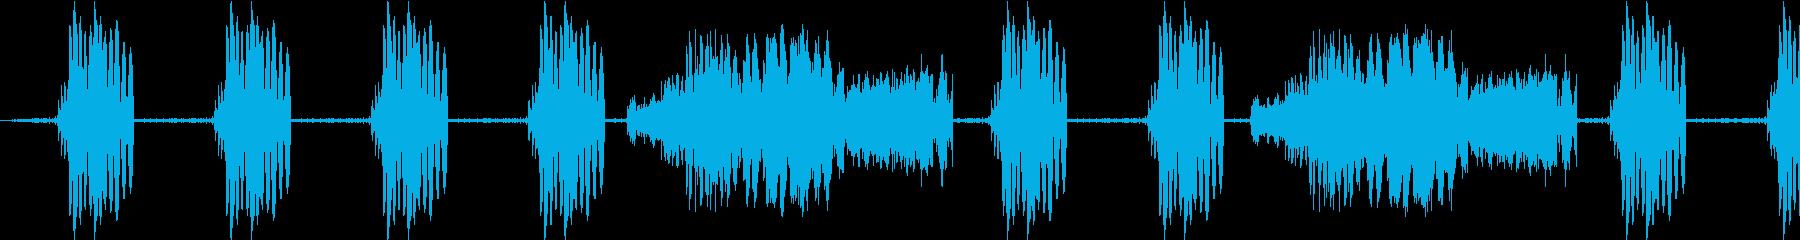 RAPID RAP GROOVEの再生済みの波形